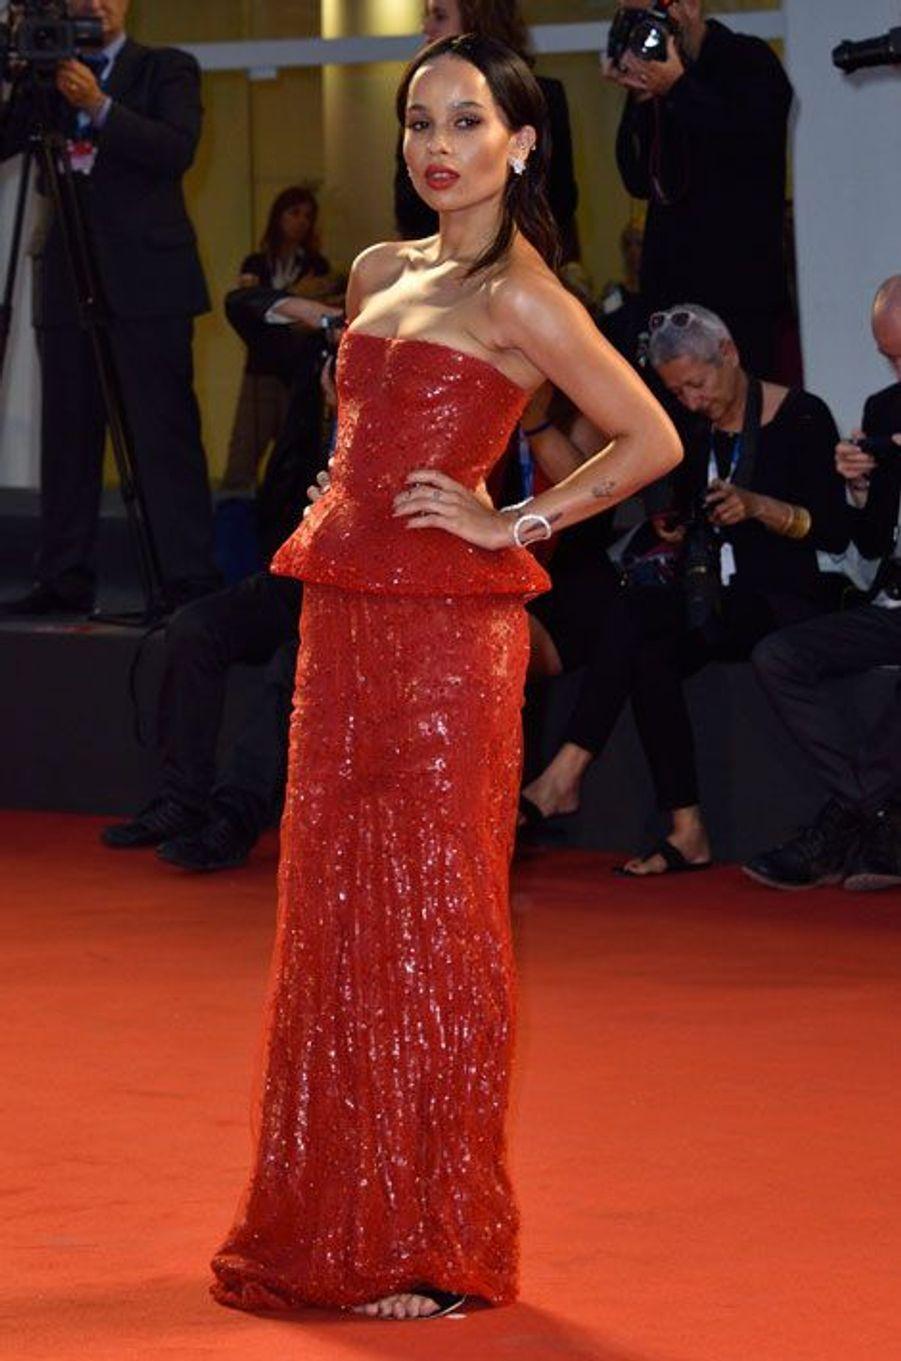 Paillettes et soie : la it-girl Zoë Kravitz en Armani Privé lors de la première du film Good Kill, le 5 septembre 2014 à la Mostra de Venise